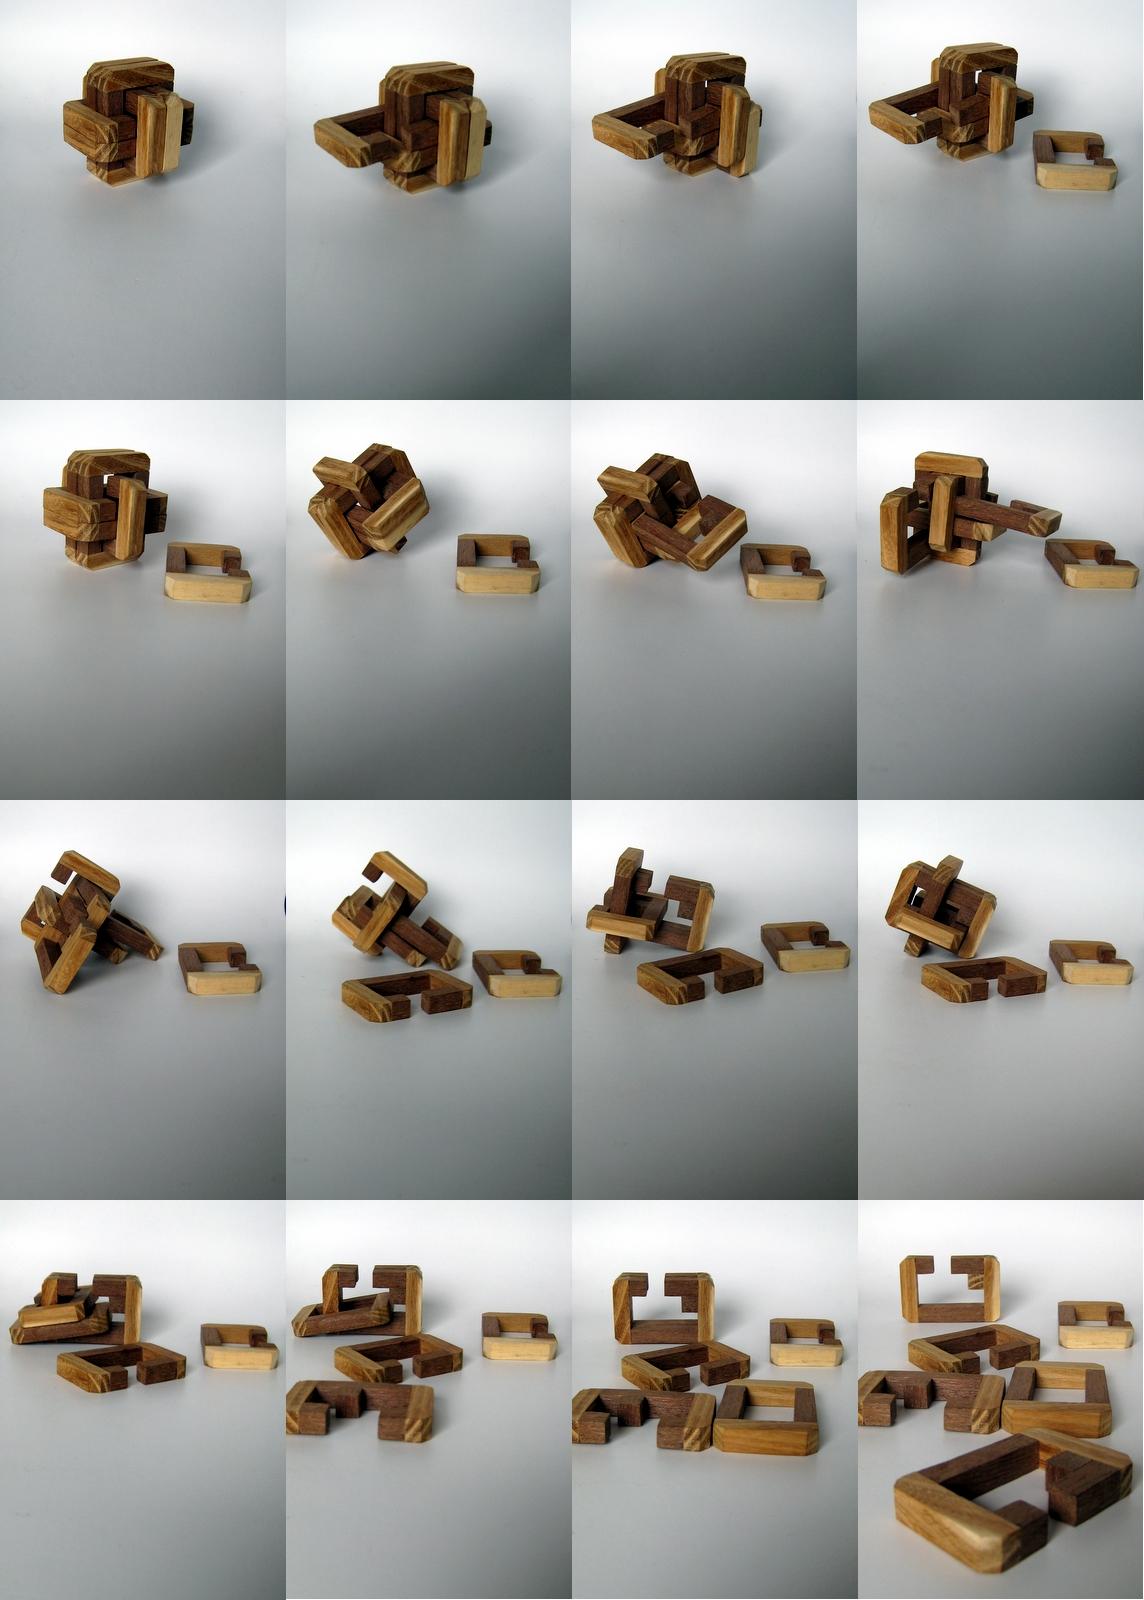 Casse t u00eate, puzzles et jeux mathématiques Archive du blog 6 Board Burr # Casse Tete En Bois Solution Cube